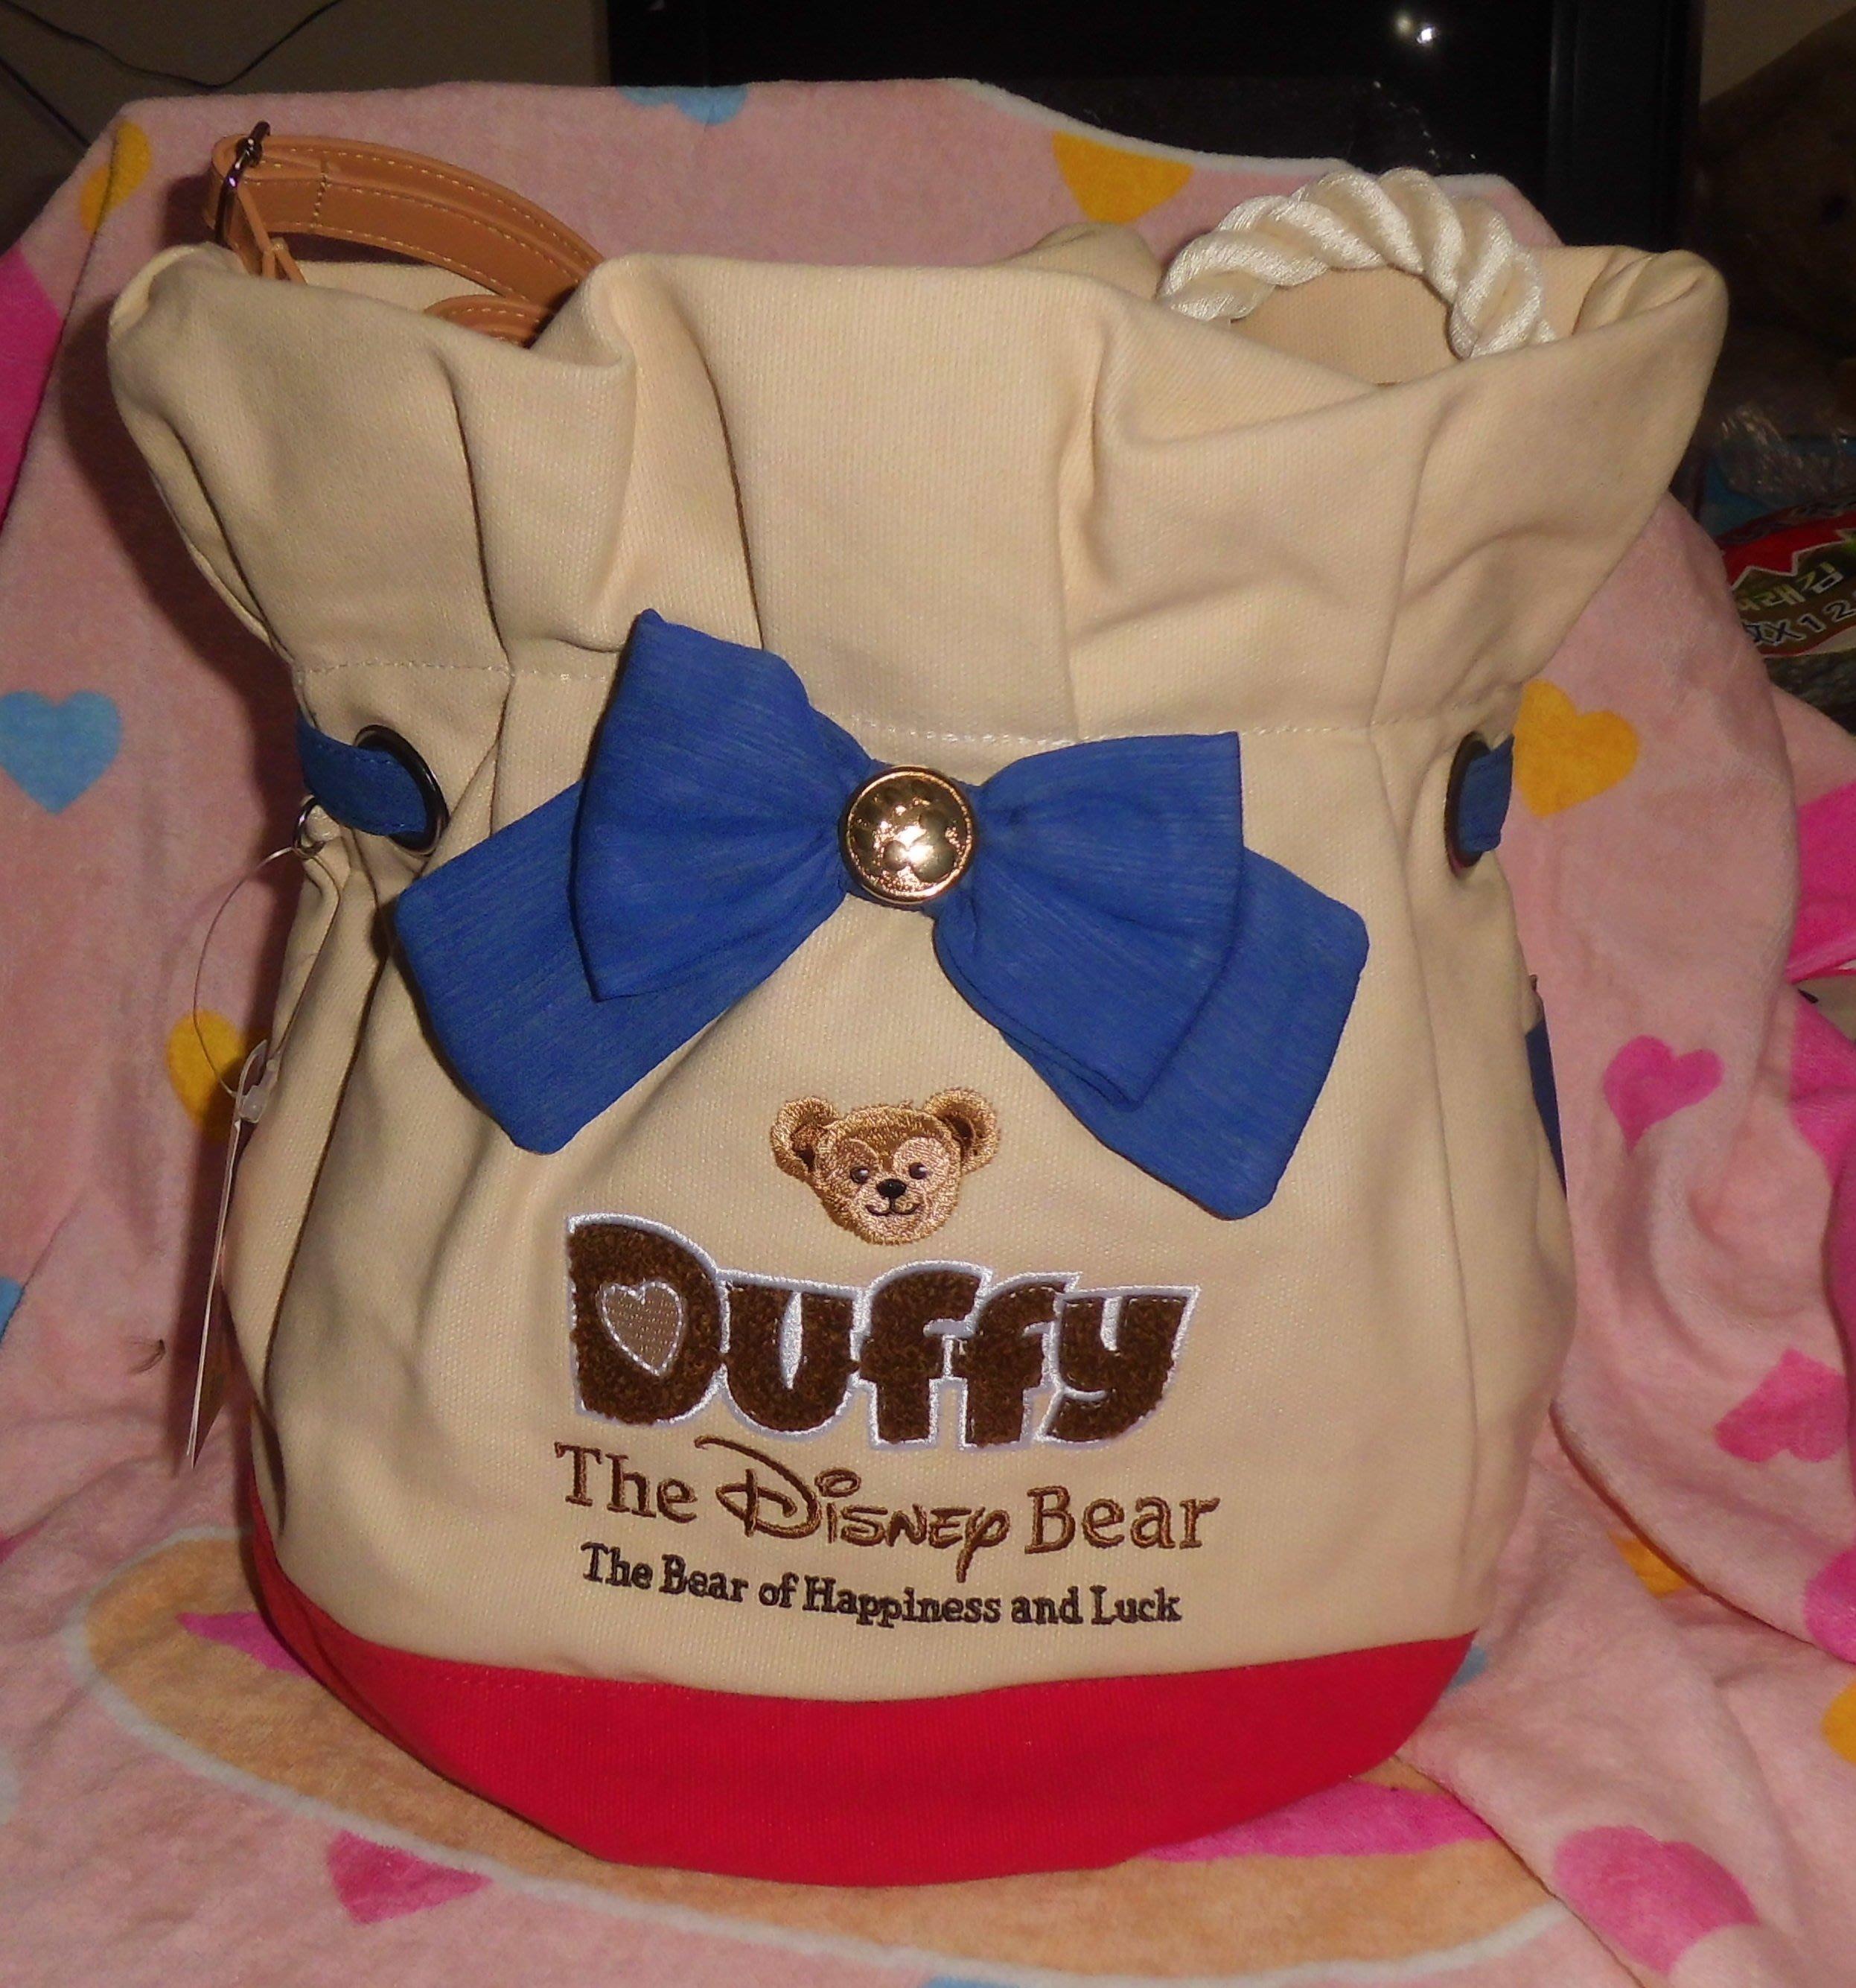 日版﹝Disney﹞限量 ※※Duffy The Disney Bear ※※【達菲熊造型】束口袋側背包